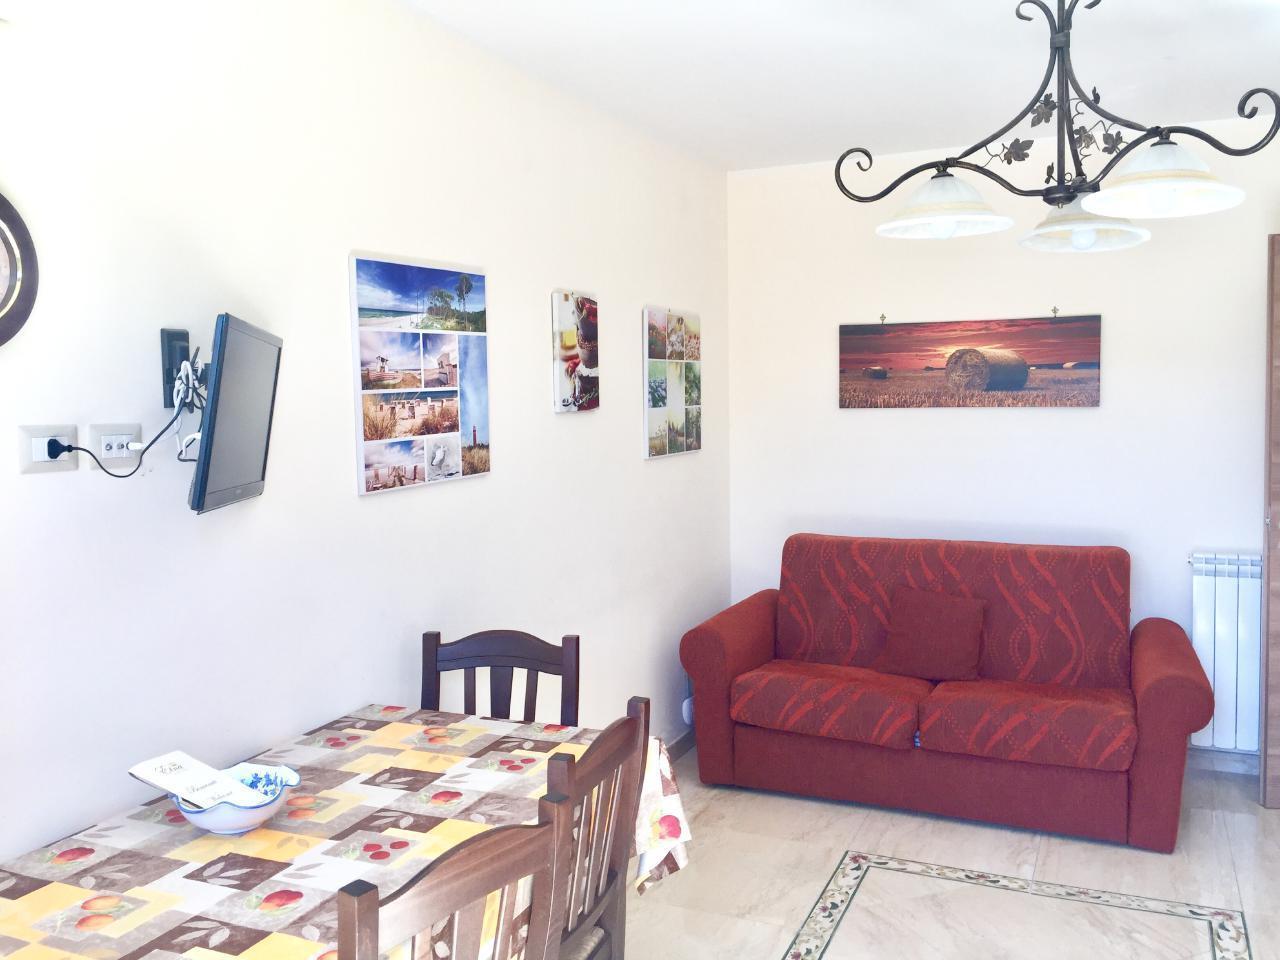 Appartement de vacances Etna Royal View -  Zwei-Zimmer-Wohnung mit Blick auf den Garten (2182582), Trecastagni, Catania, Sicile, Italie, image 18